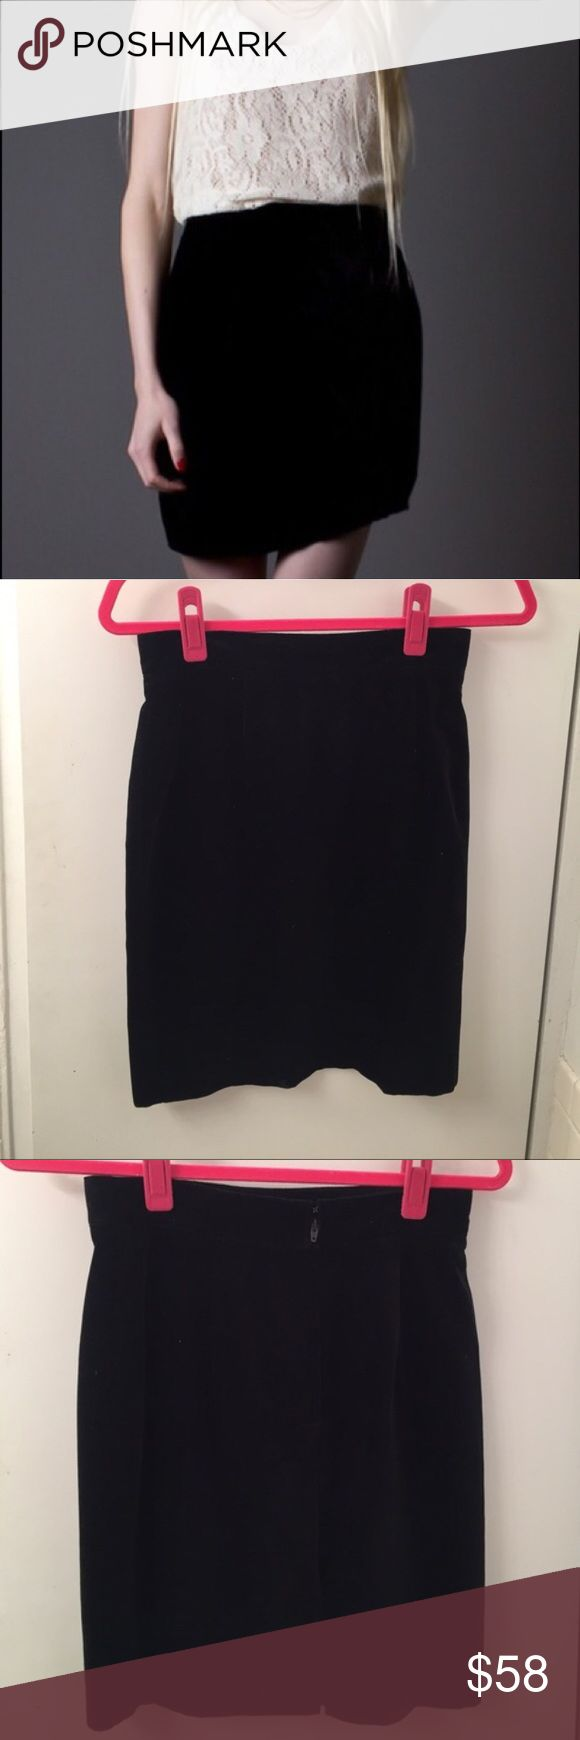 """Vintage Benetton Velvet Skirt Vintage Benetton Velvet Skirt Black. Waist 26.5"""". Length 29.5"""". Mint vintage condition.         INSTAGRAM:  @unionsquaremama United Colors Of Benetton Skirts Mini"""